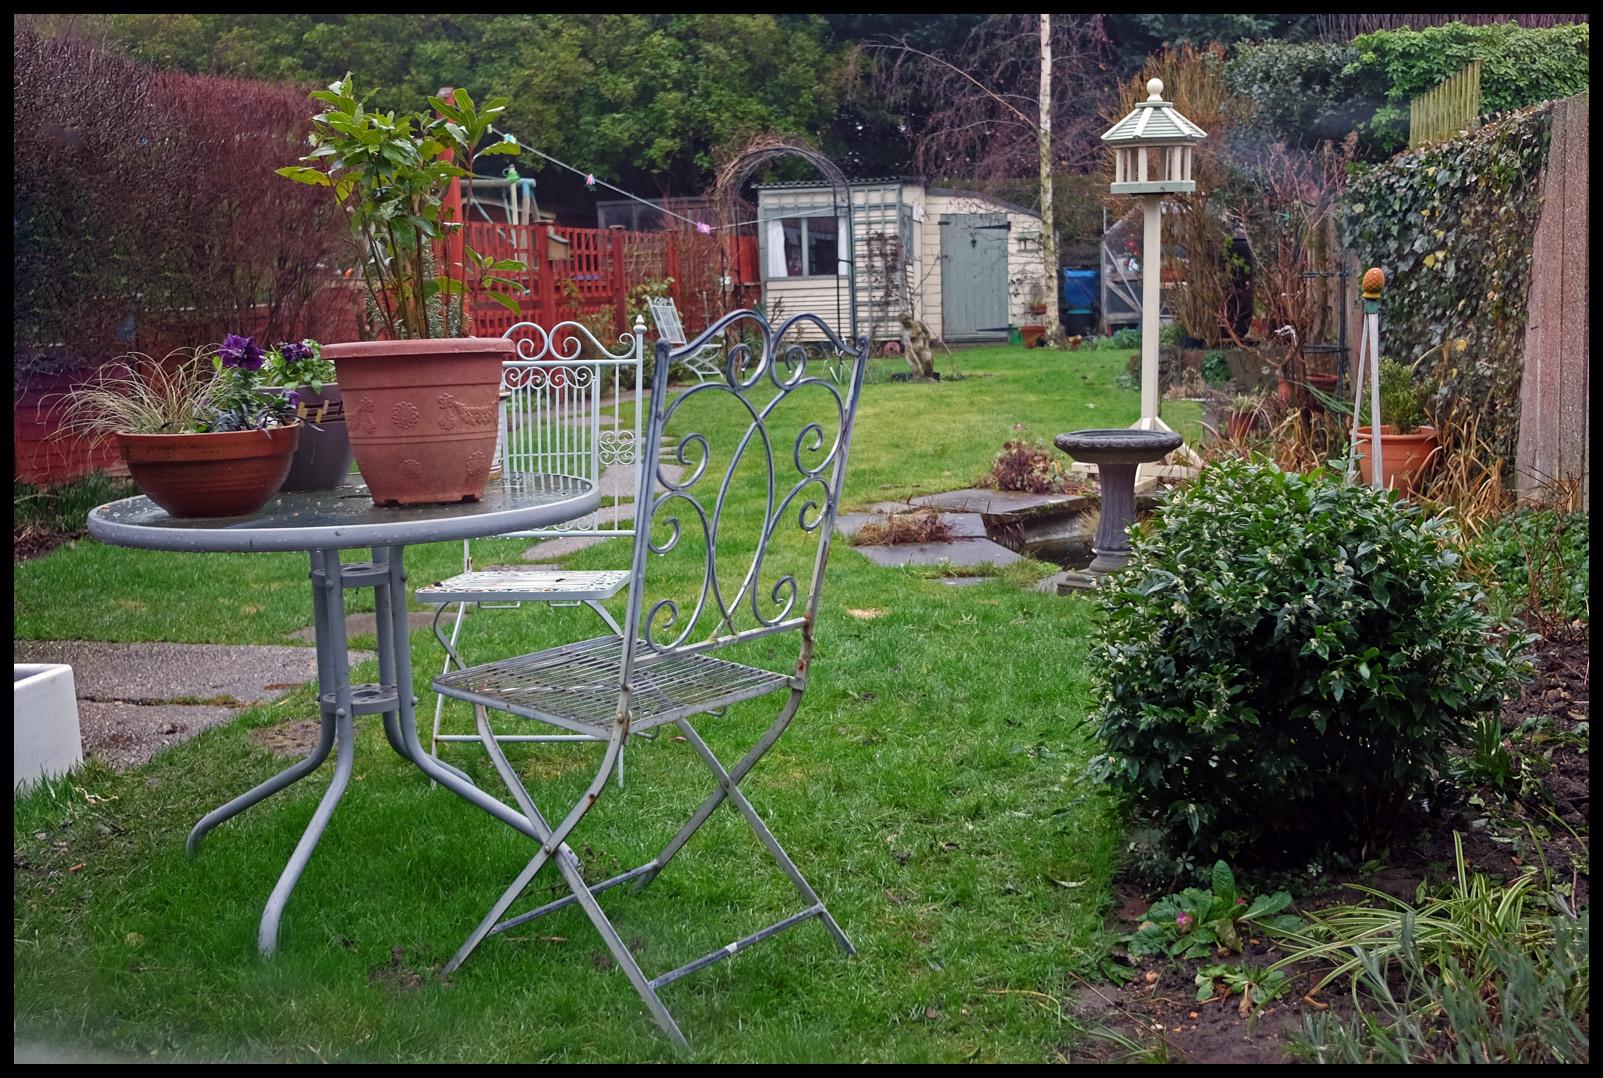 garten gras pflanzen natur blume gras pflanze garten sommer blatt fnf arten von farbe pflanze. Black Bedroom Furniture Sets. Home Design Ideas